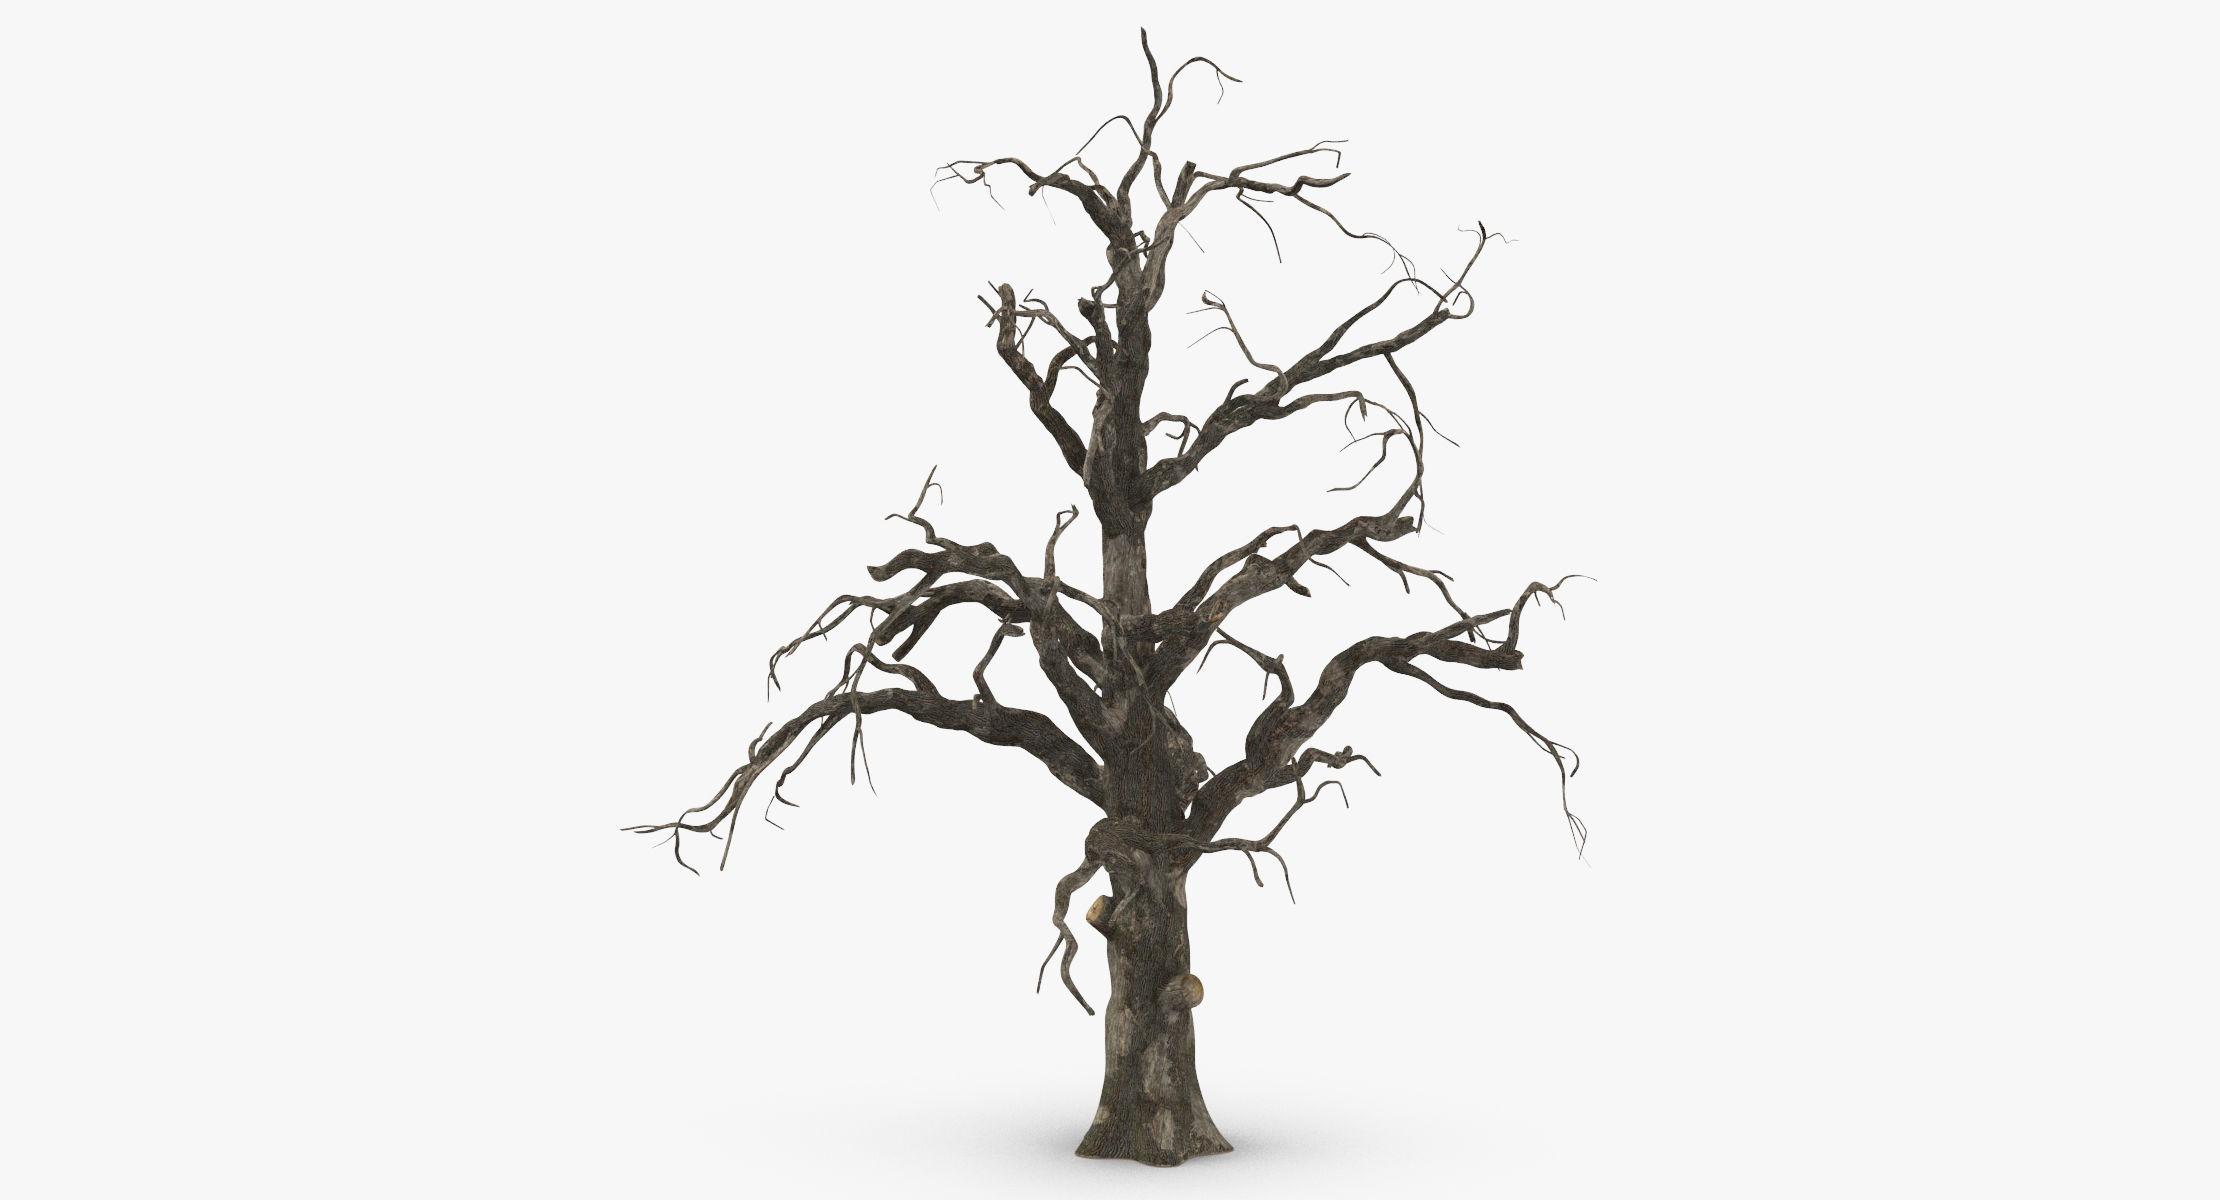 Old Dead Tree 02 - reel 1